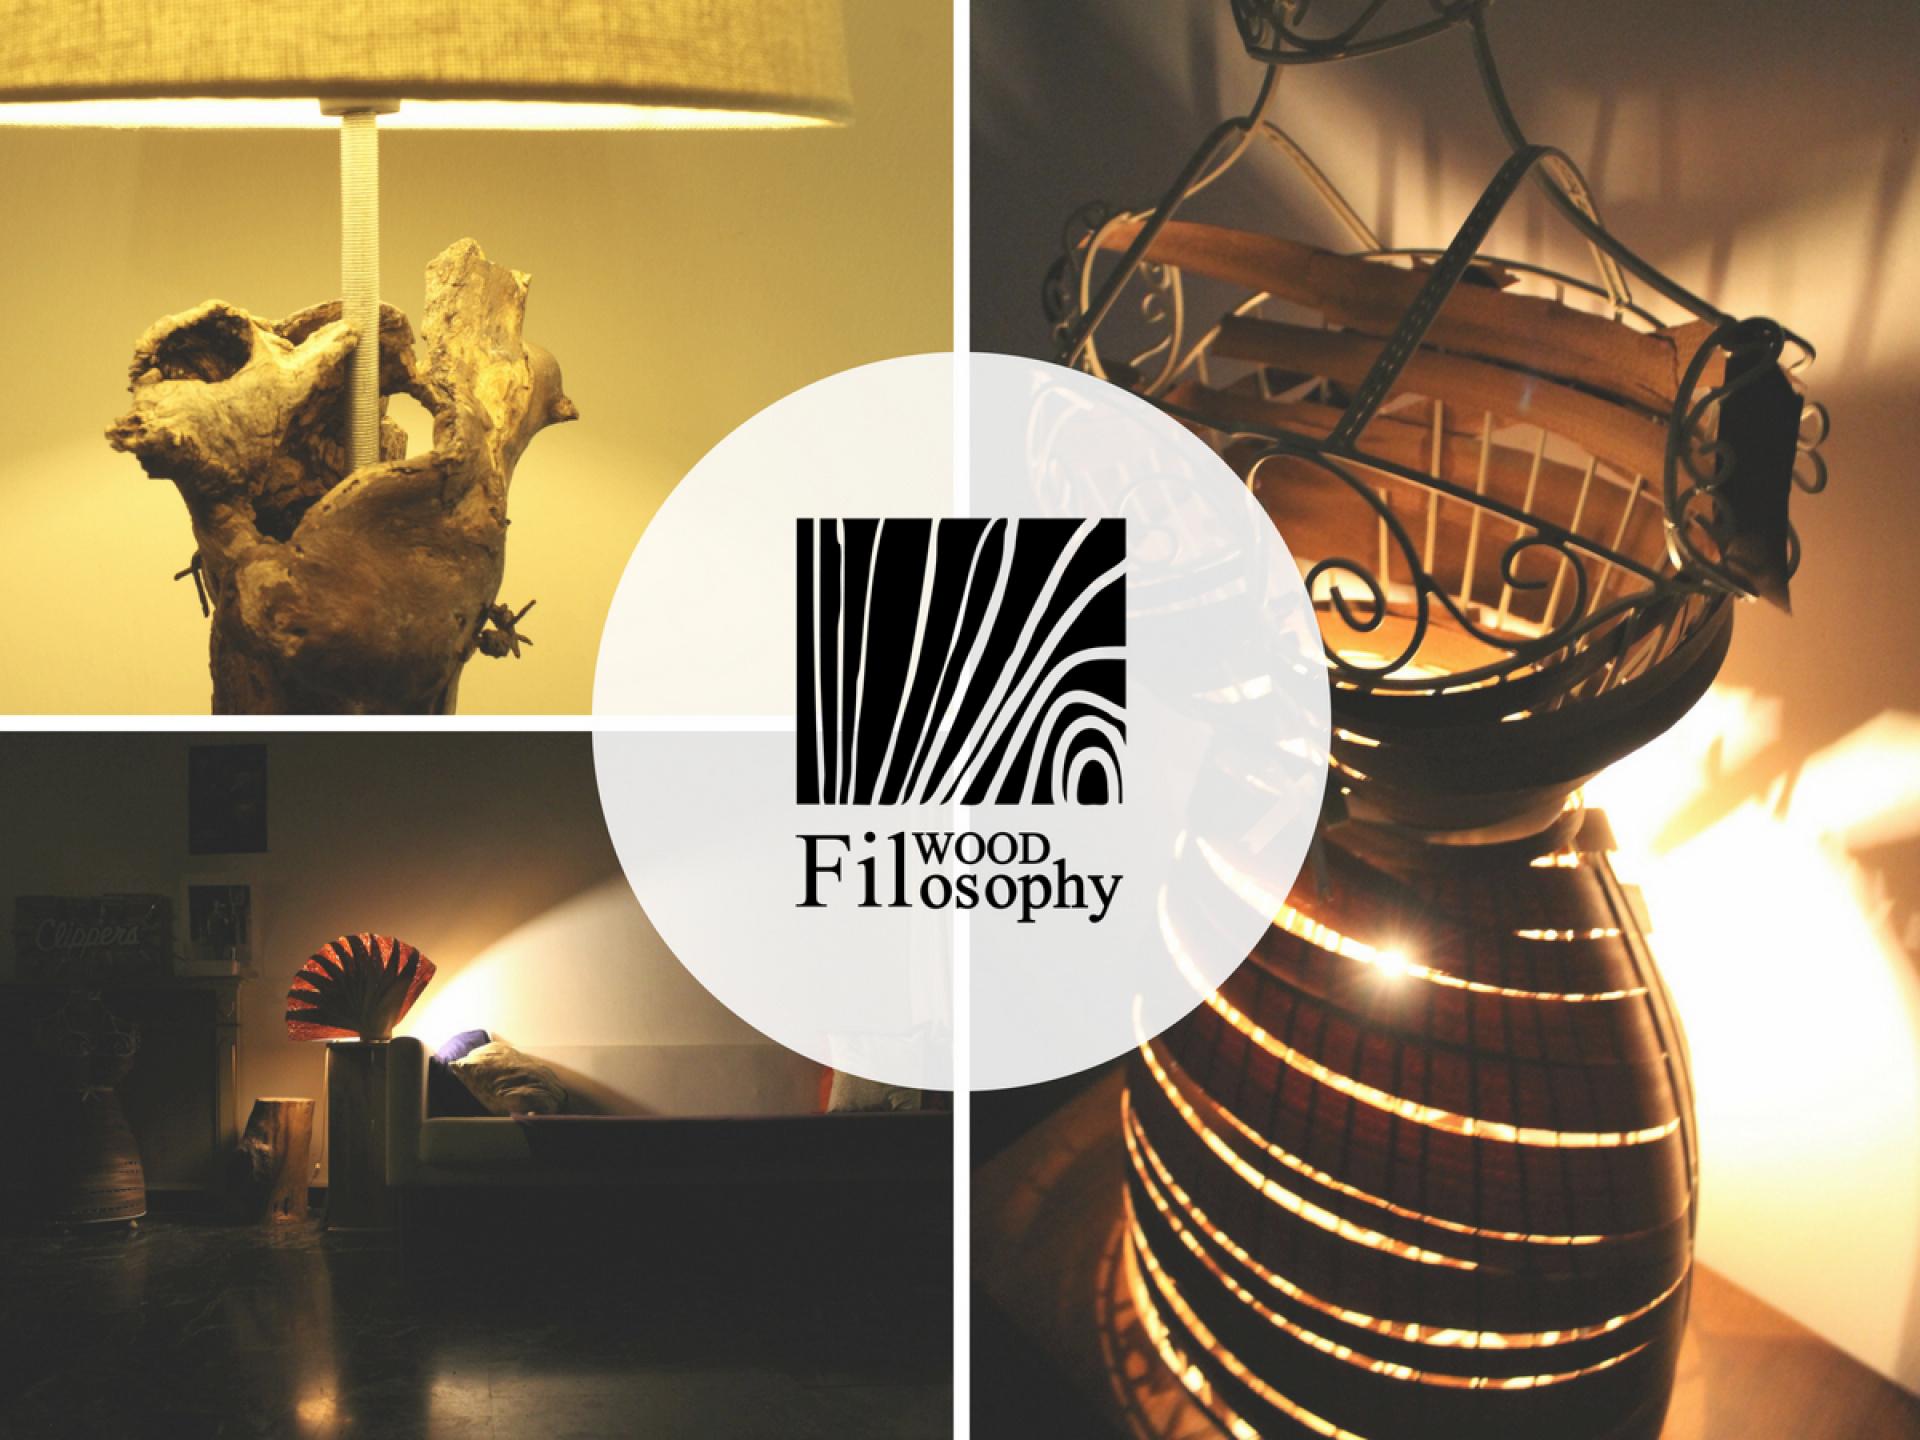 Filwood Filosophy - Organizzazioni di ECONOMIA SOLIDALE